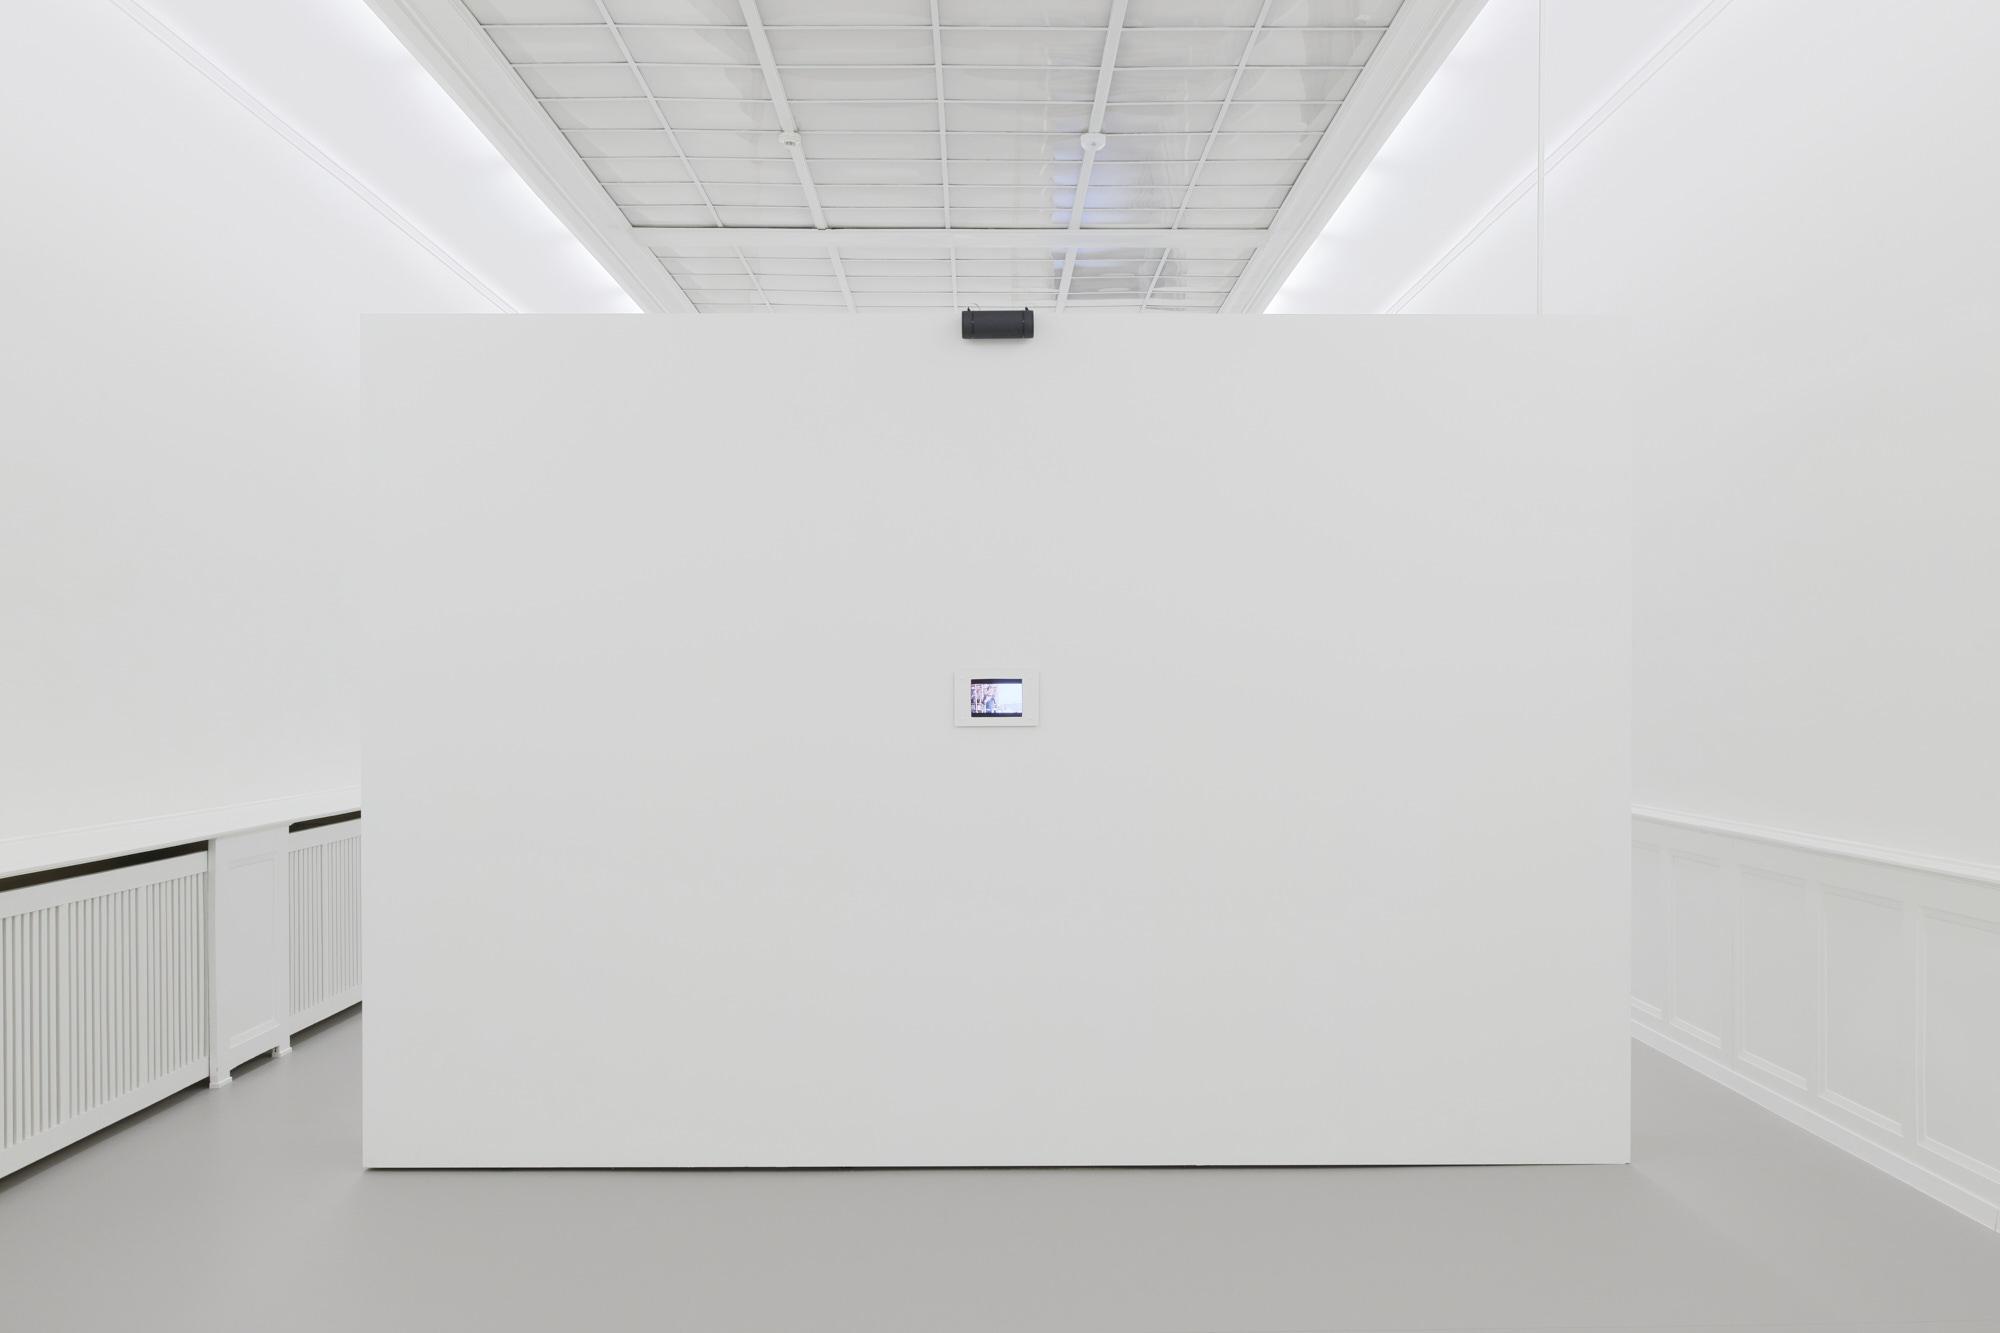 2021, Musée des beaux-arts Le Locle. Photographie : © Guillaume Python. Tous droits réservés.